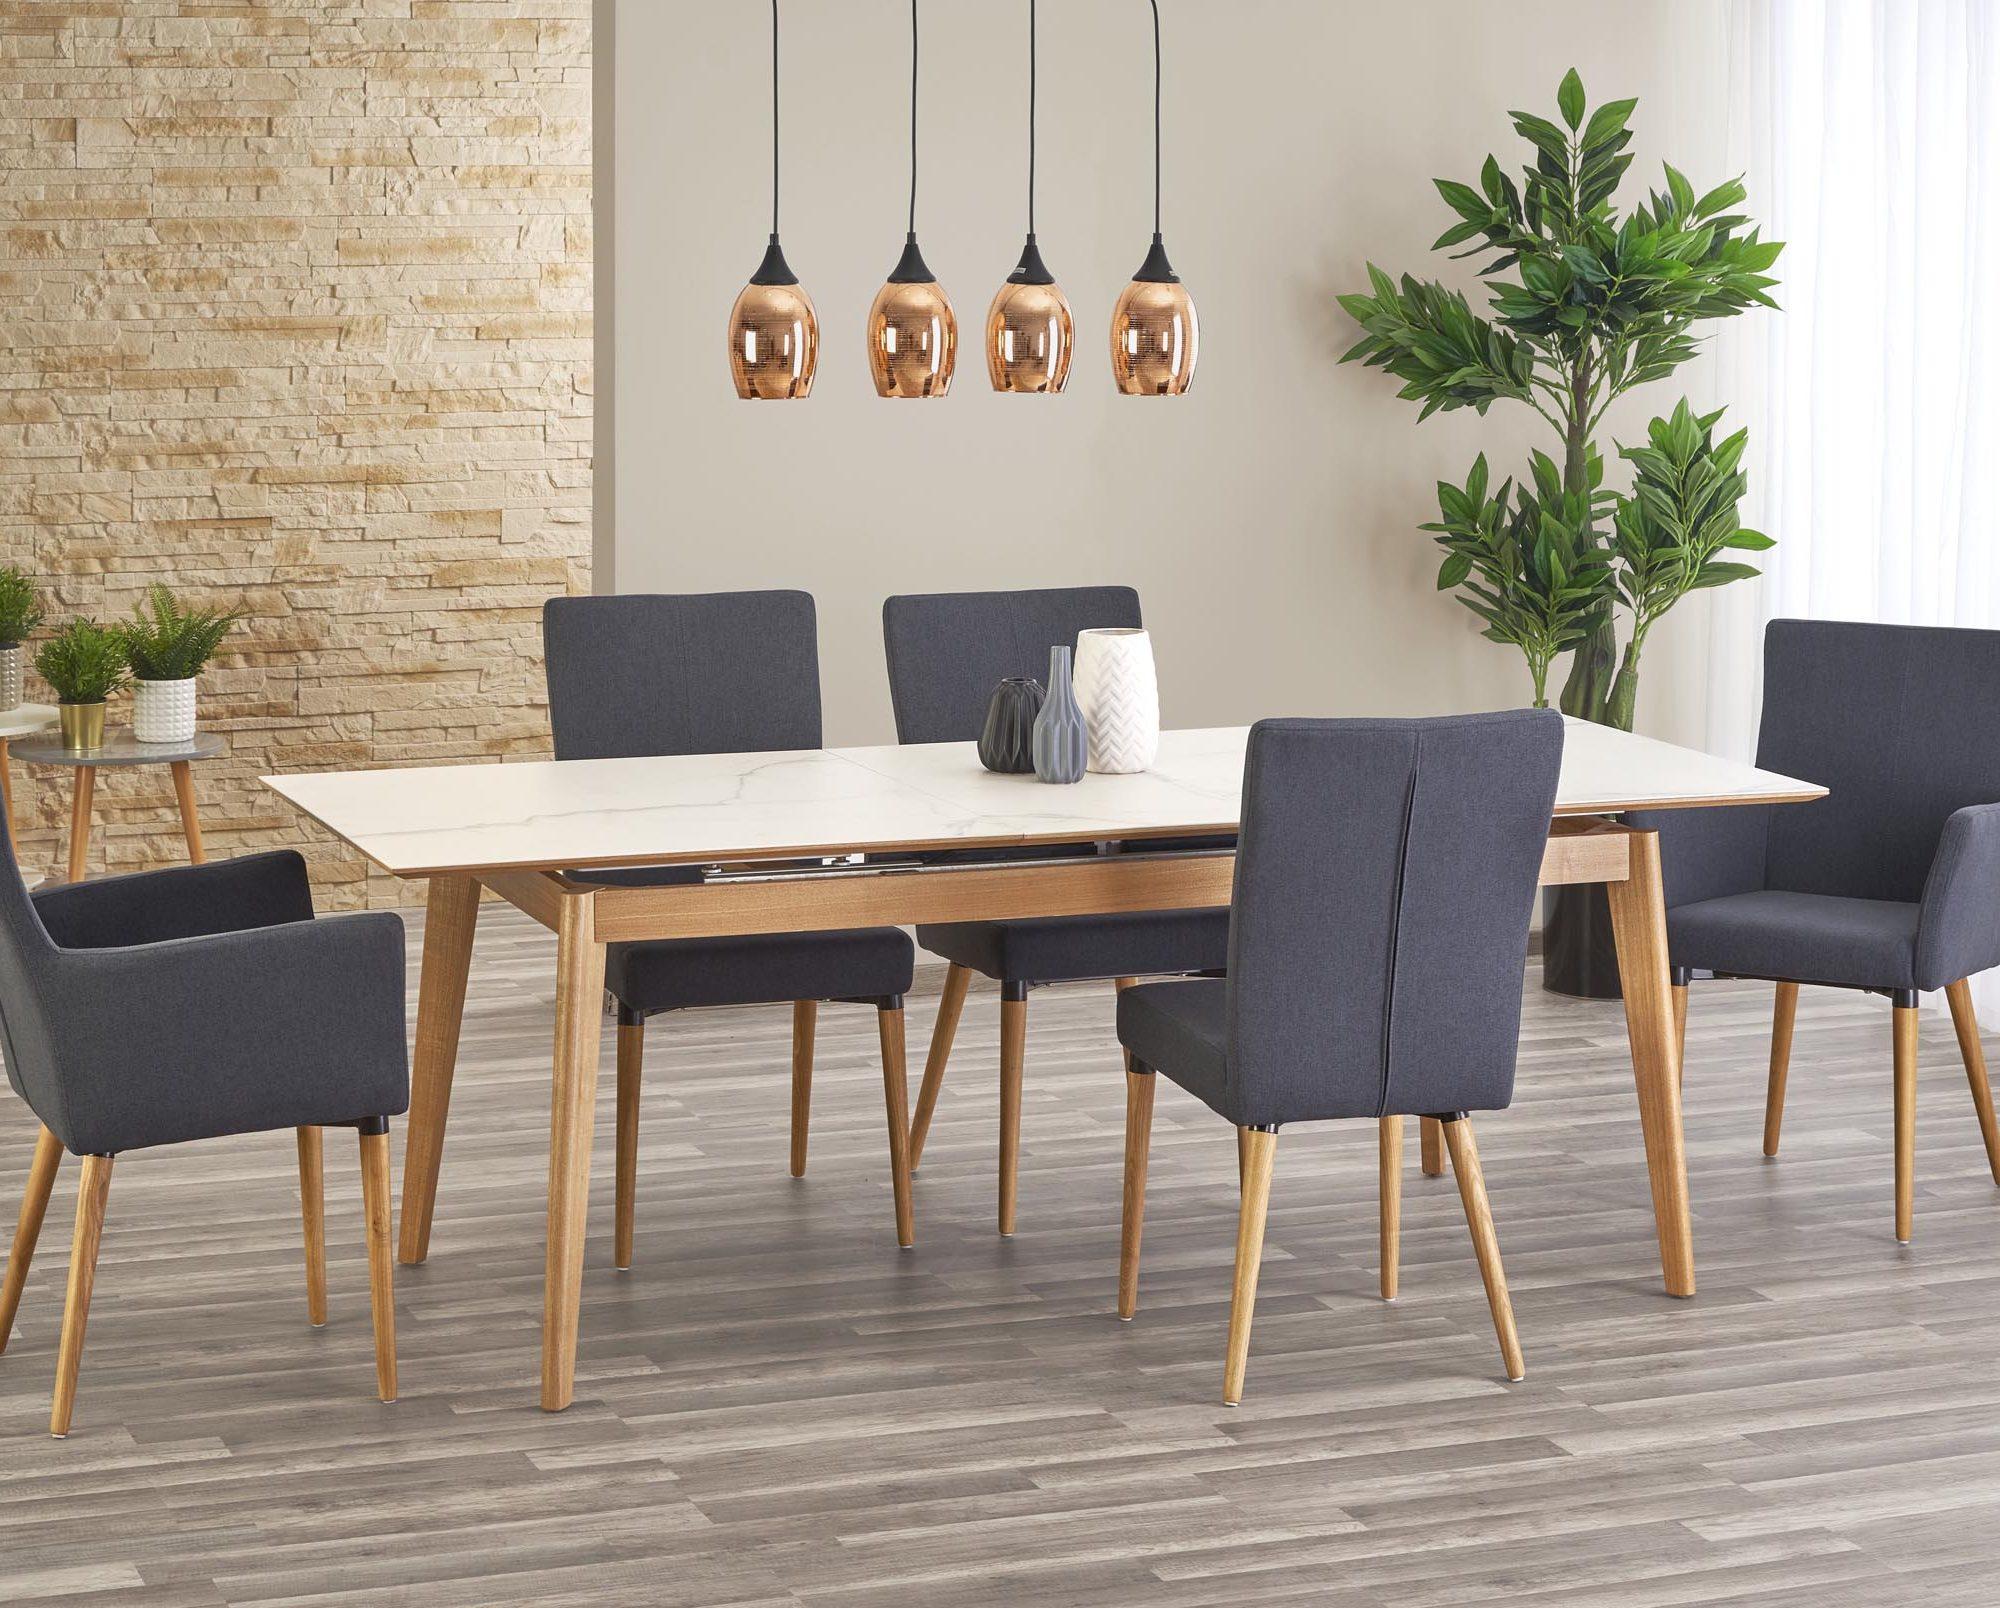 Jedálenský stôl - Halmar - Montreal (pre 6 až 8 osôb). Doprava ZDARMA. Sme autorizovaný predajca Halmar. Vlastná spoľahlivá doprava až k Vám domov.